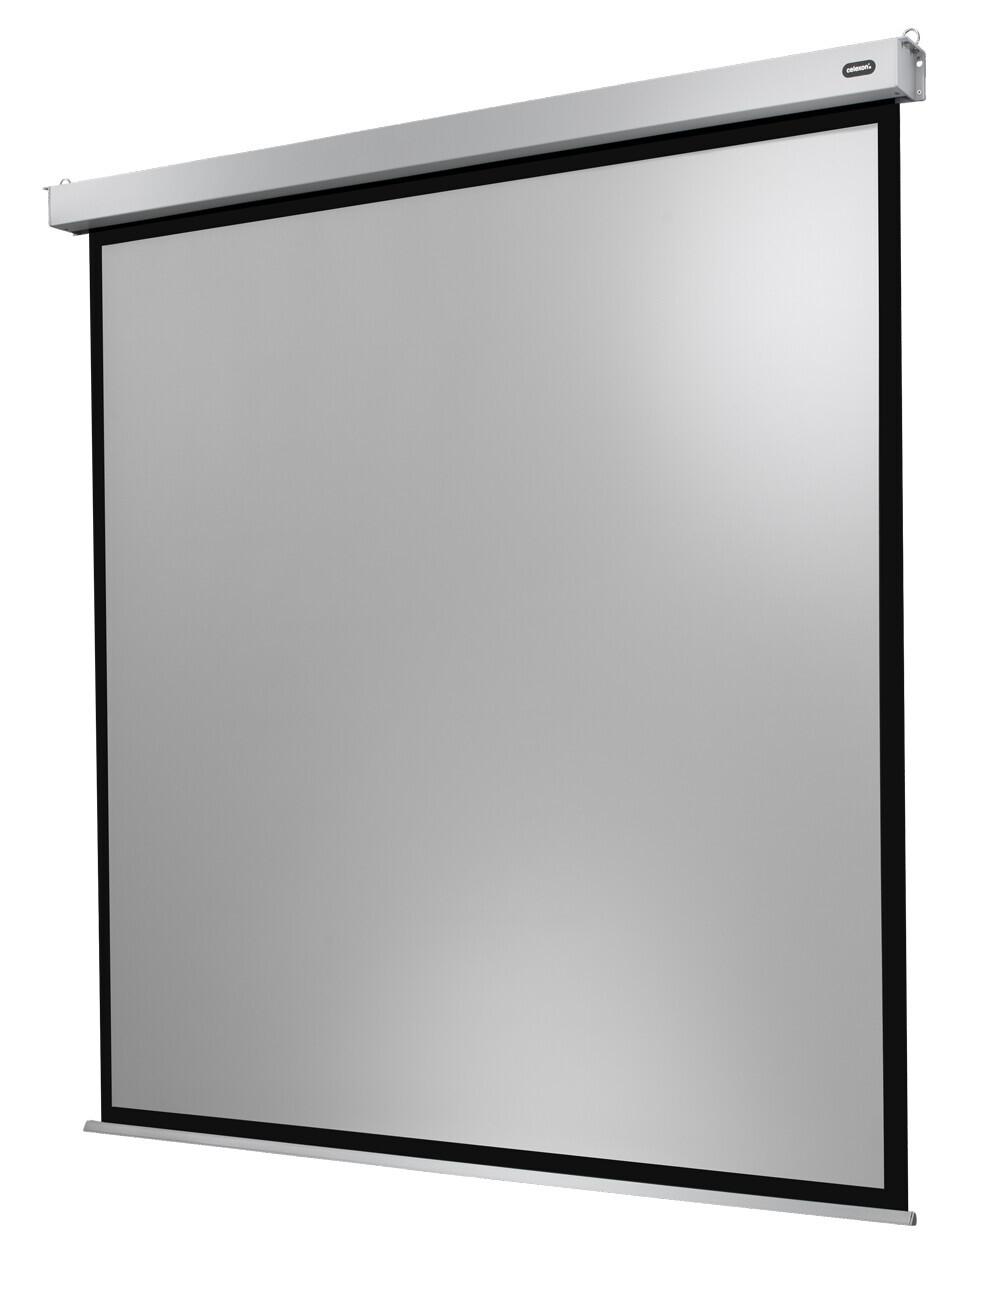 celexon schermo motorizzato Professional Plus 300 x 300 cm